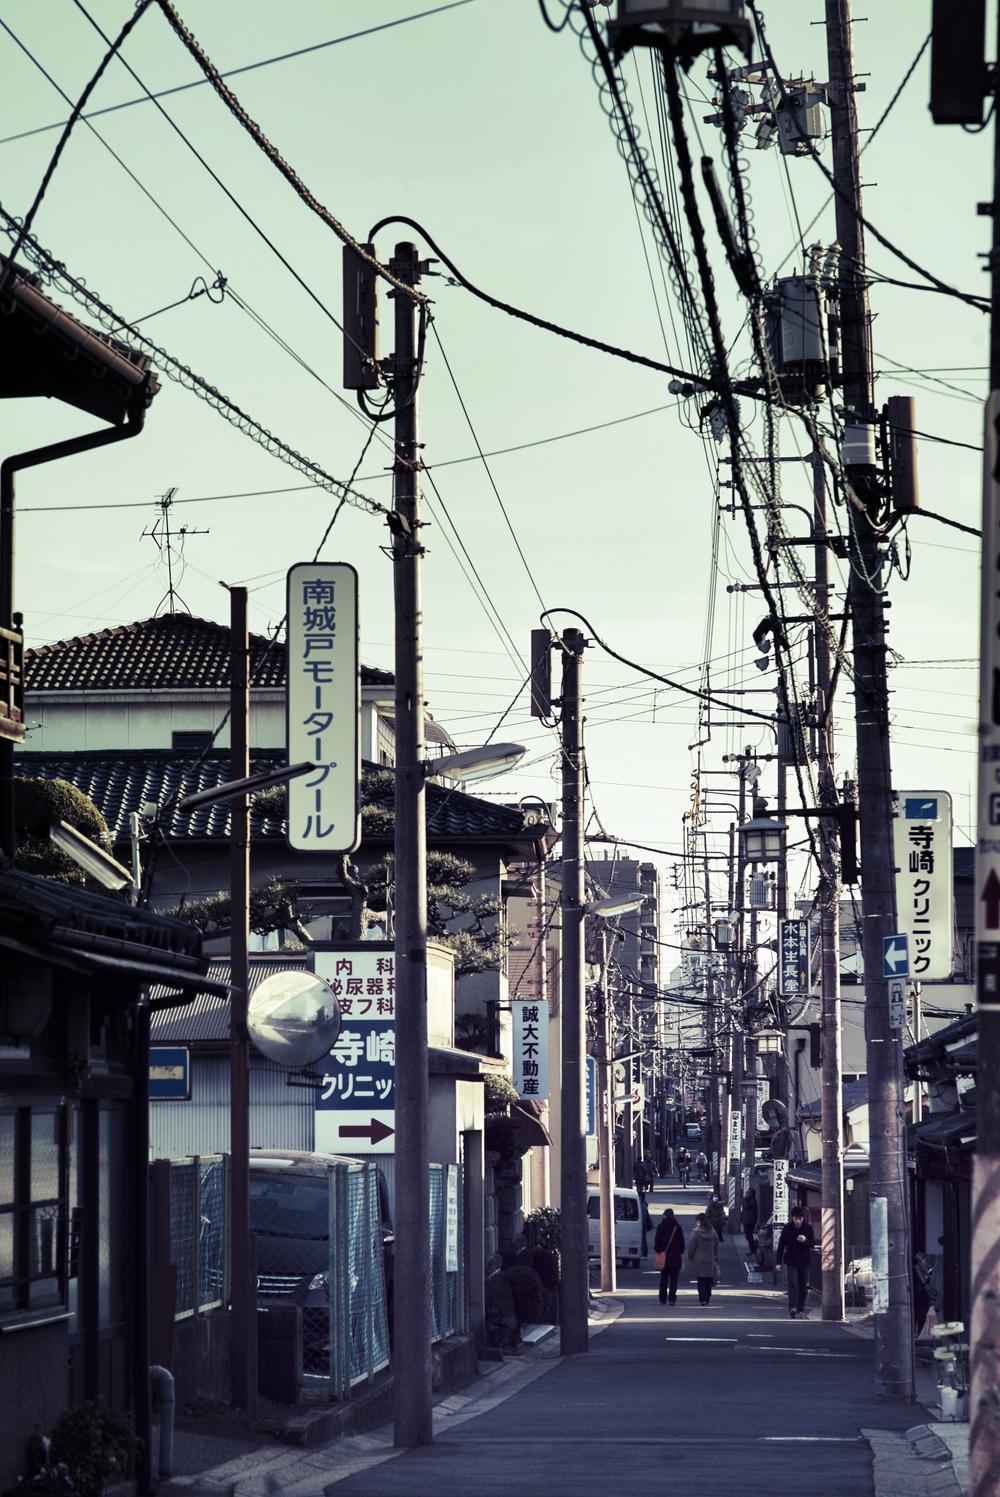 DSC08432_Snapseed.jpg